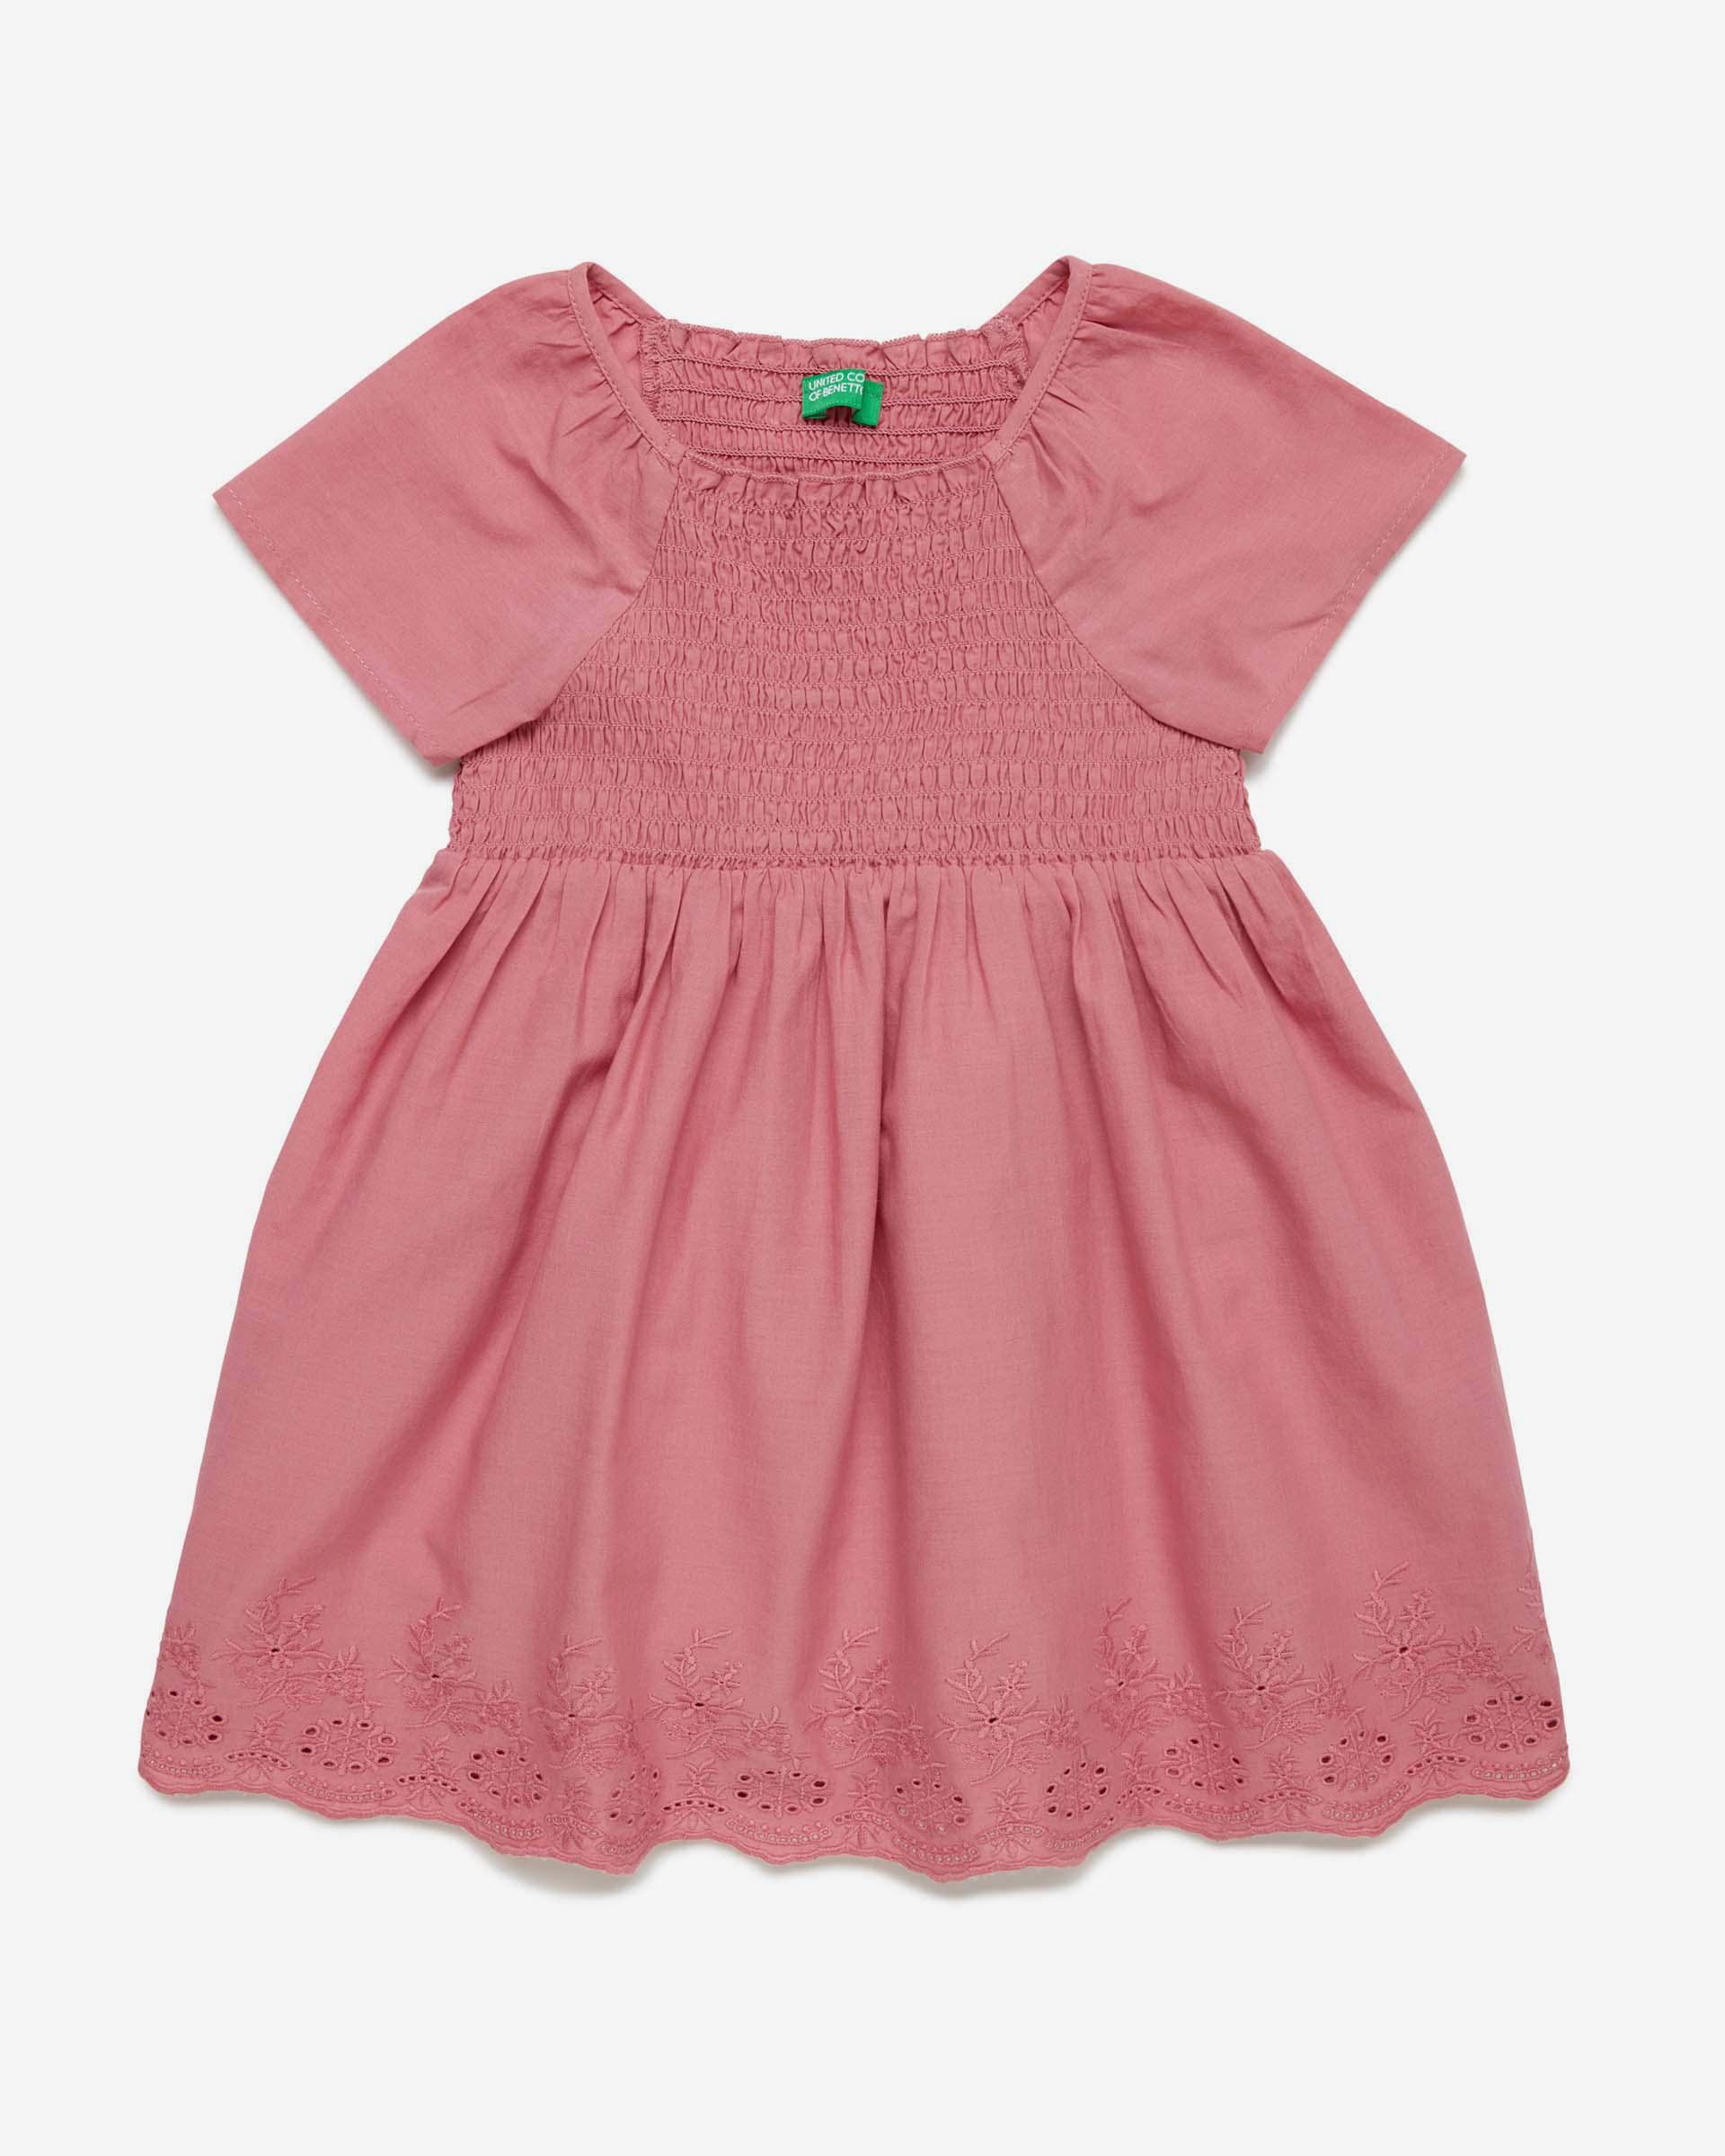 Купить 20P_4JO15V2MP_2P6, Платье для девочек Benetton 4JO15V2MP_2P6 р-р 92, United Colors of Benetton, Платья для новорожденных